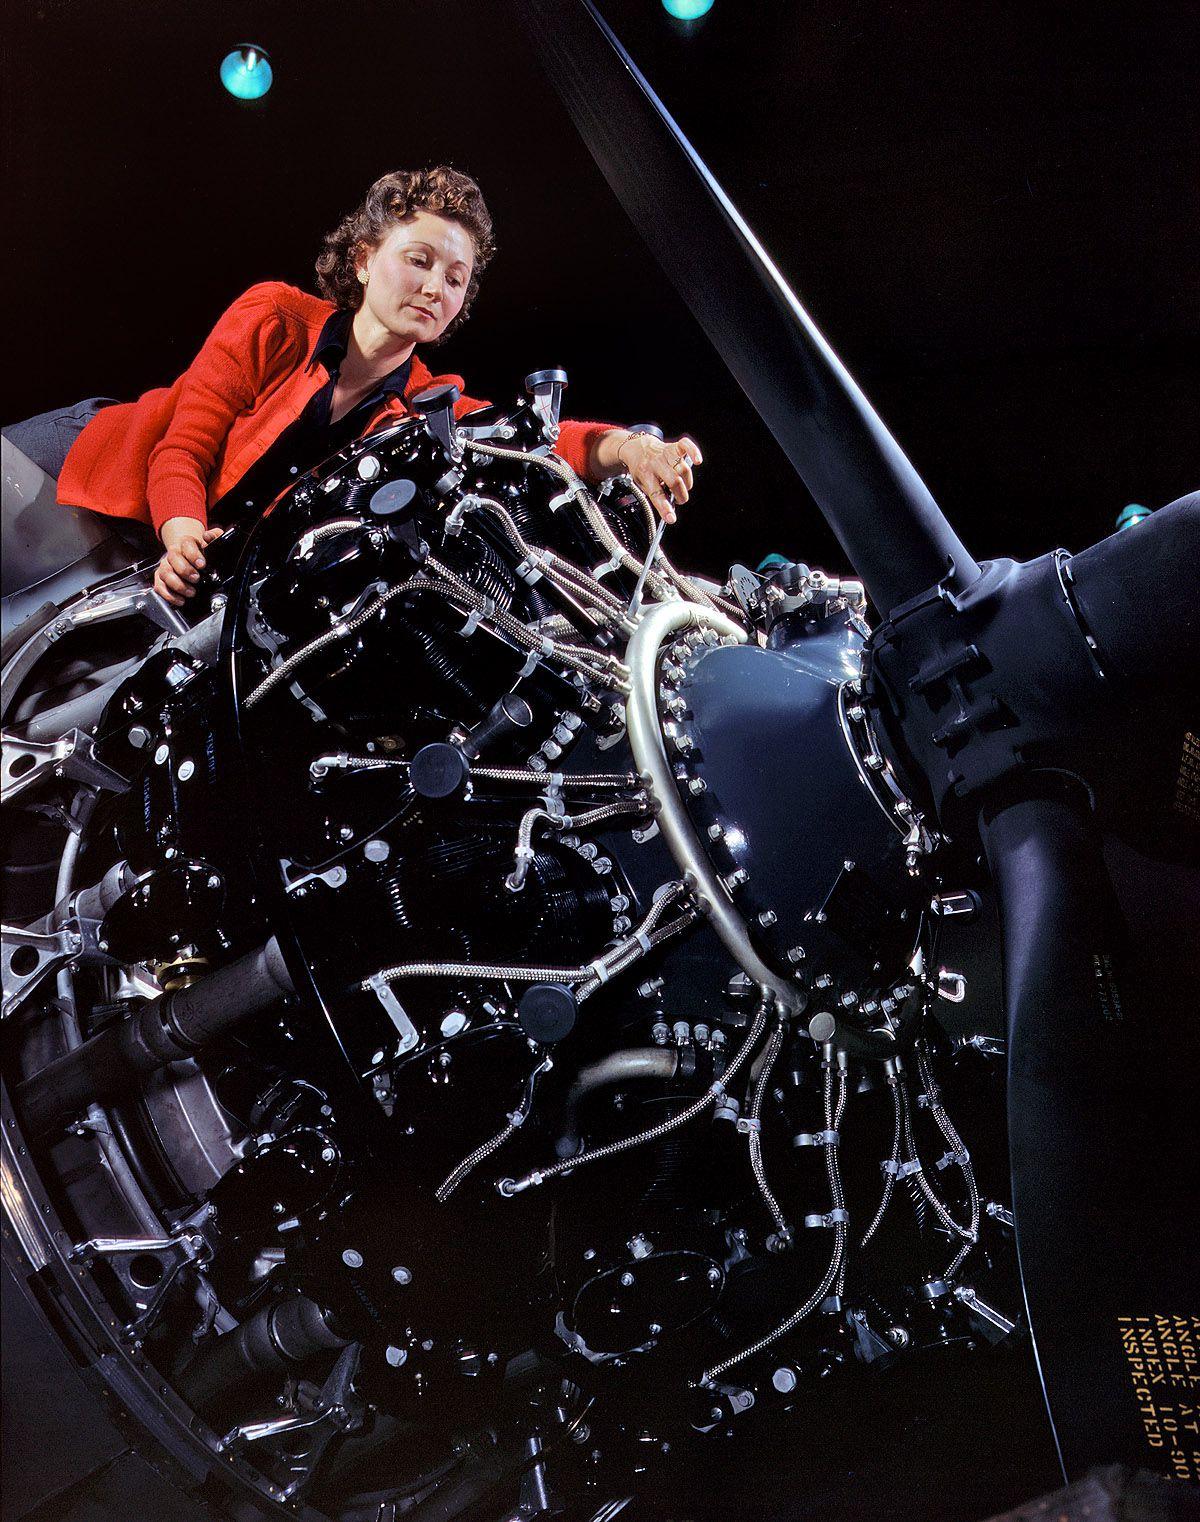 1a35340 1u 0 - Octobre 1942 : Installation d'un moteur à l'entreprise Douglas Aircraft Company, Long Beach, Californie